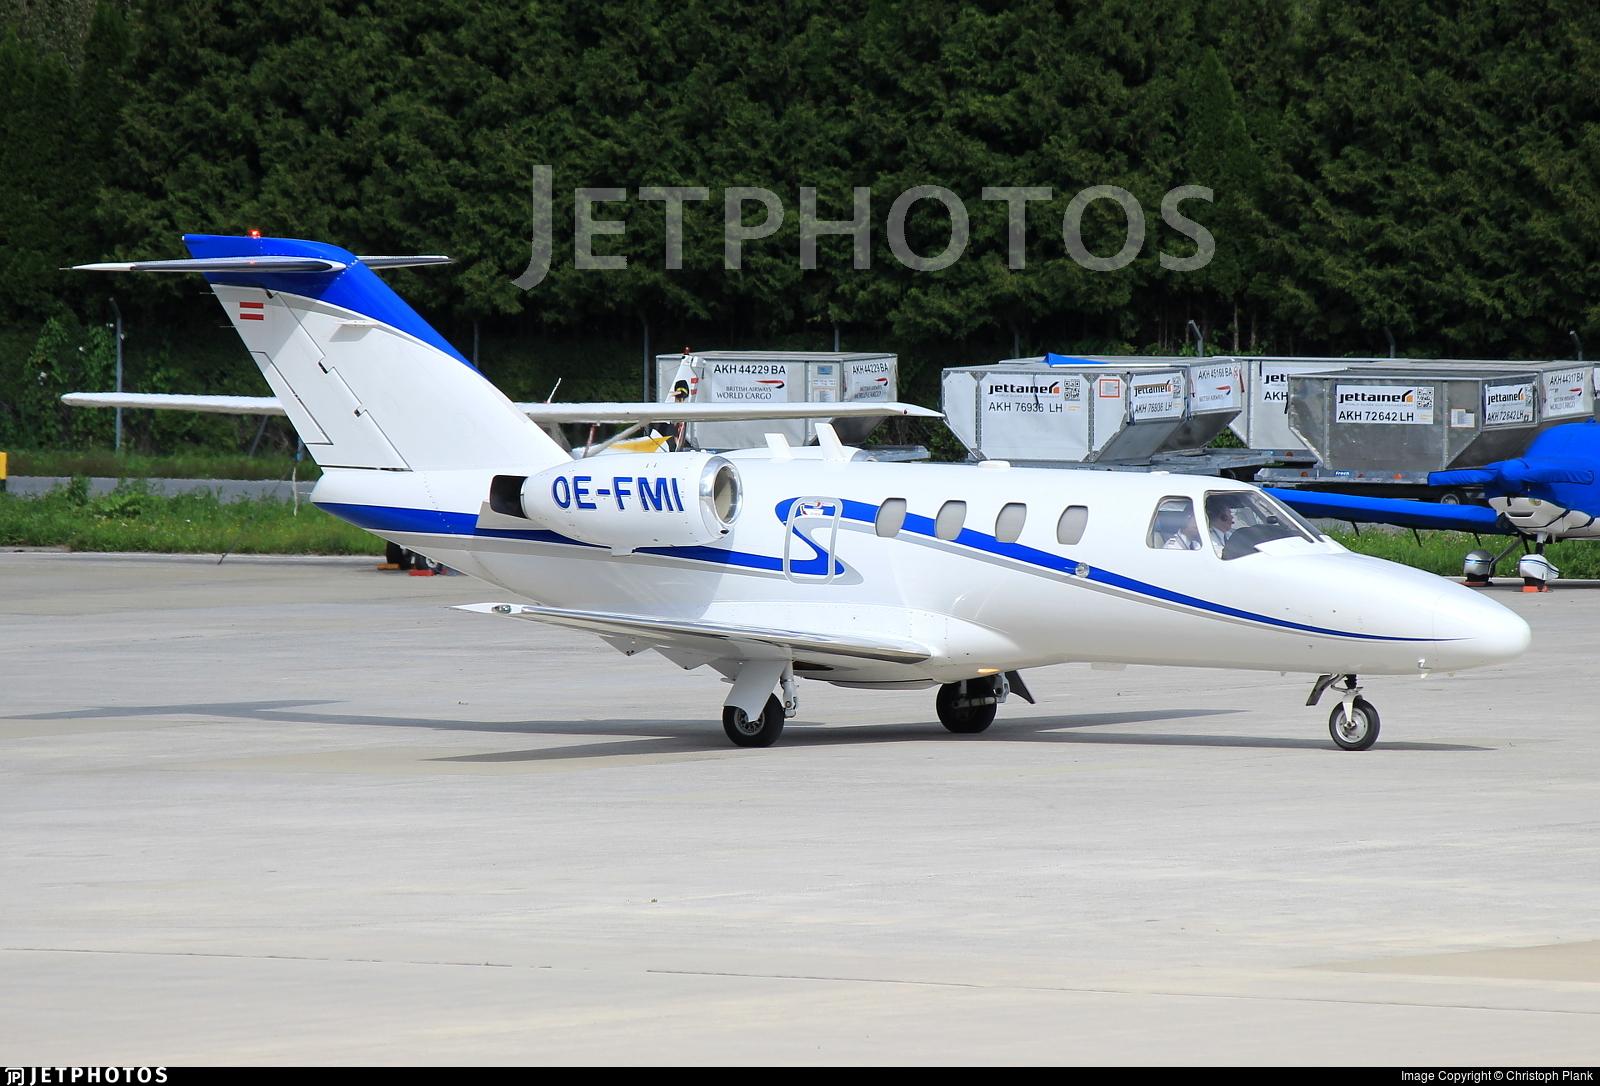 OE-FMI - Cessna 525 CitationJet 1 - ABC Bedarfsflug